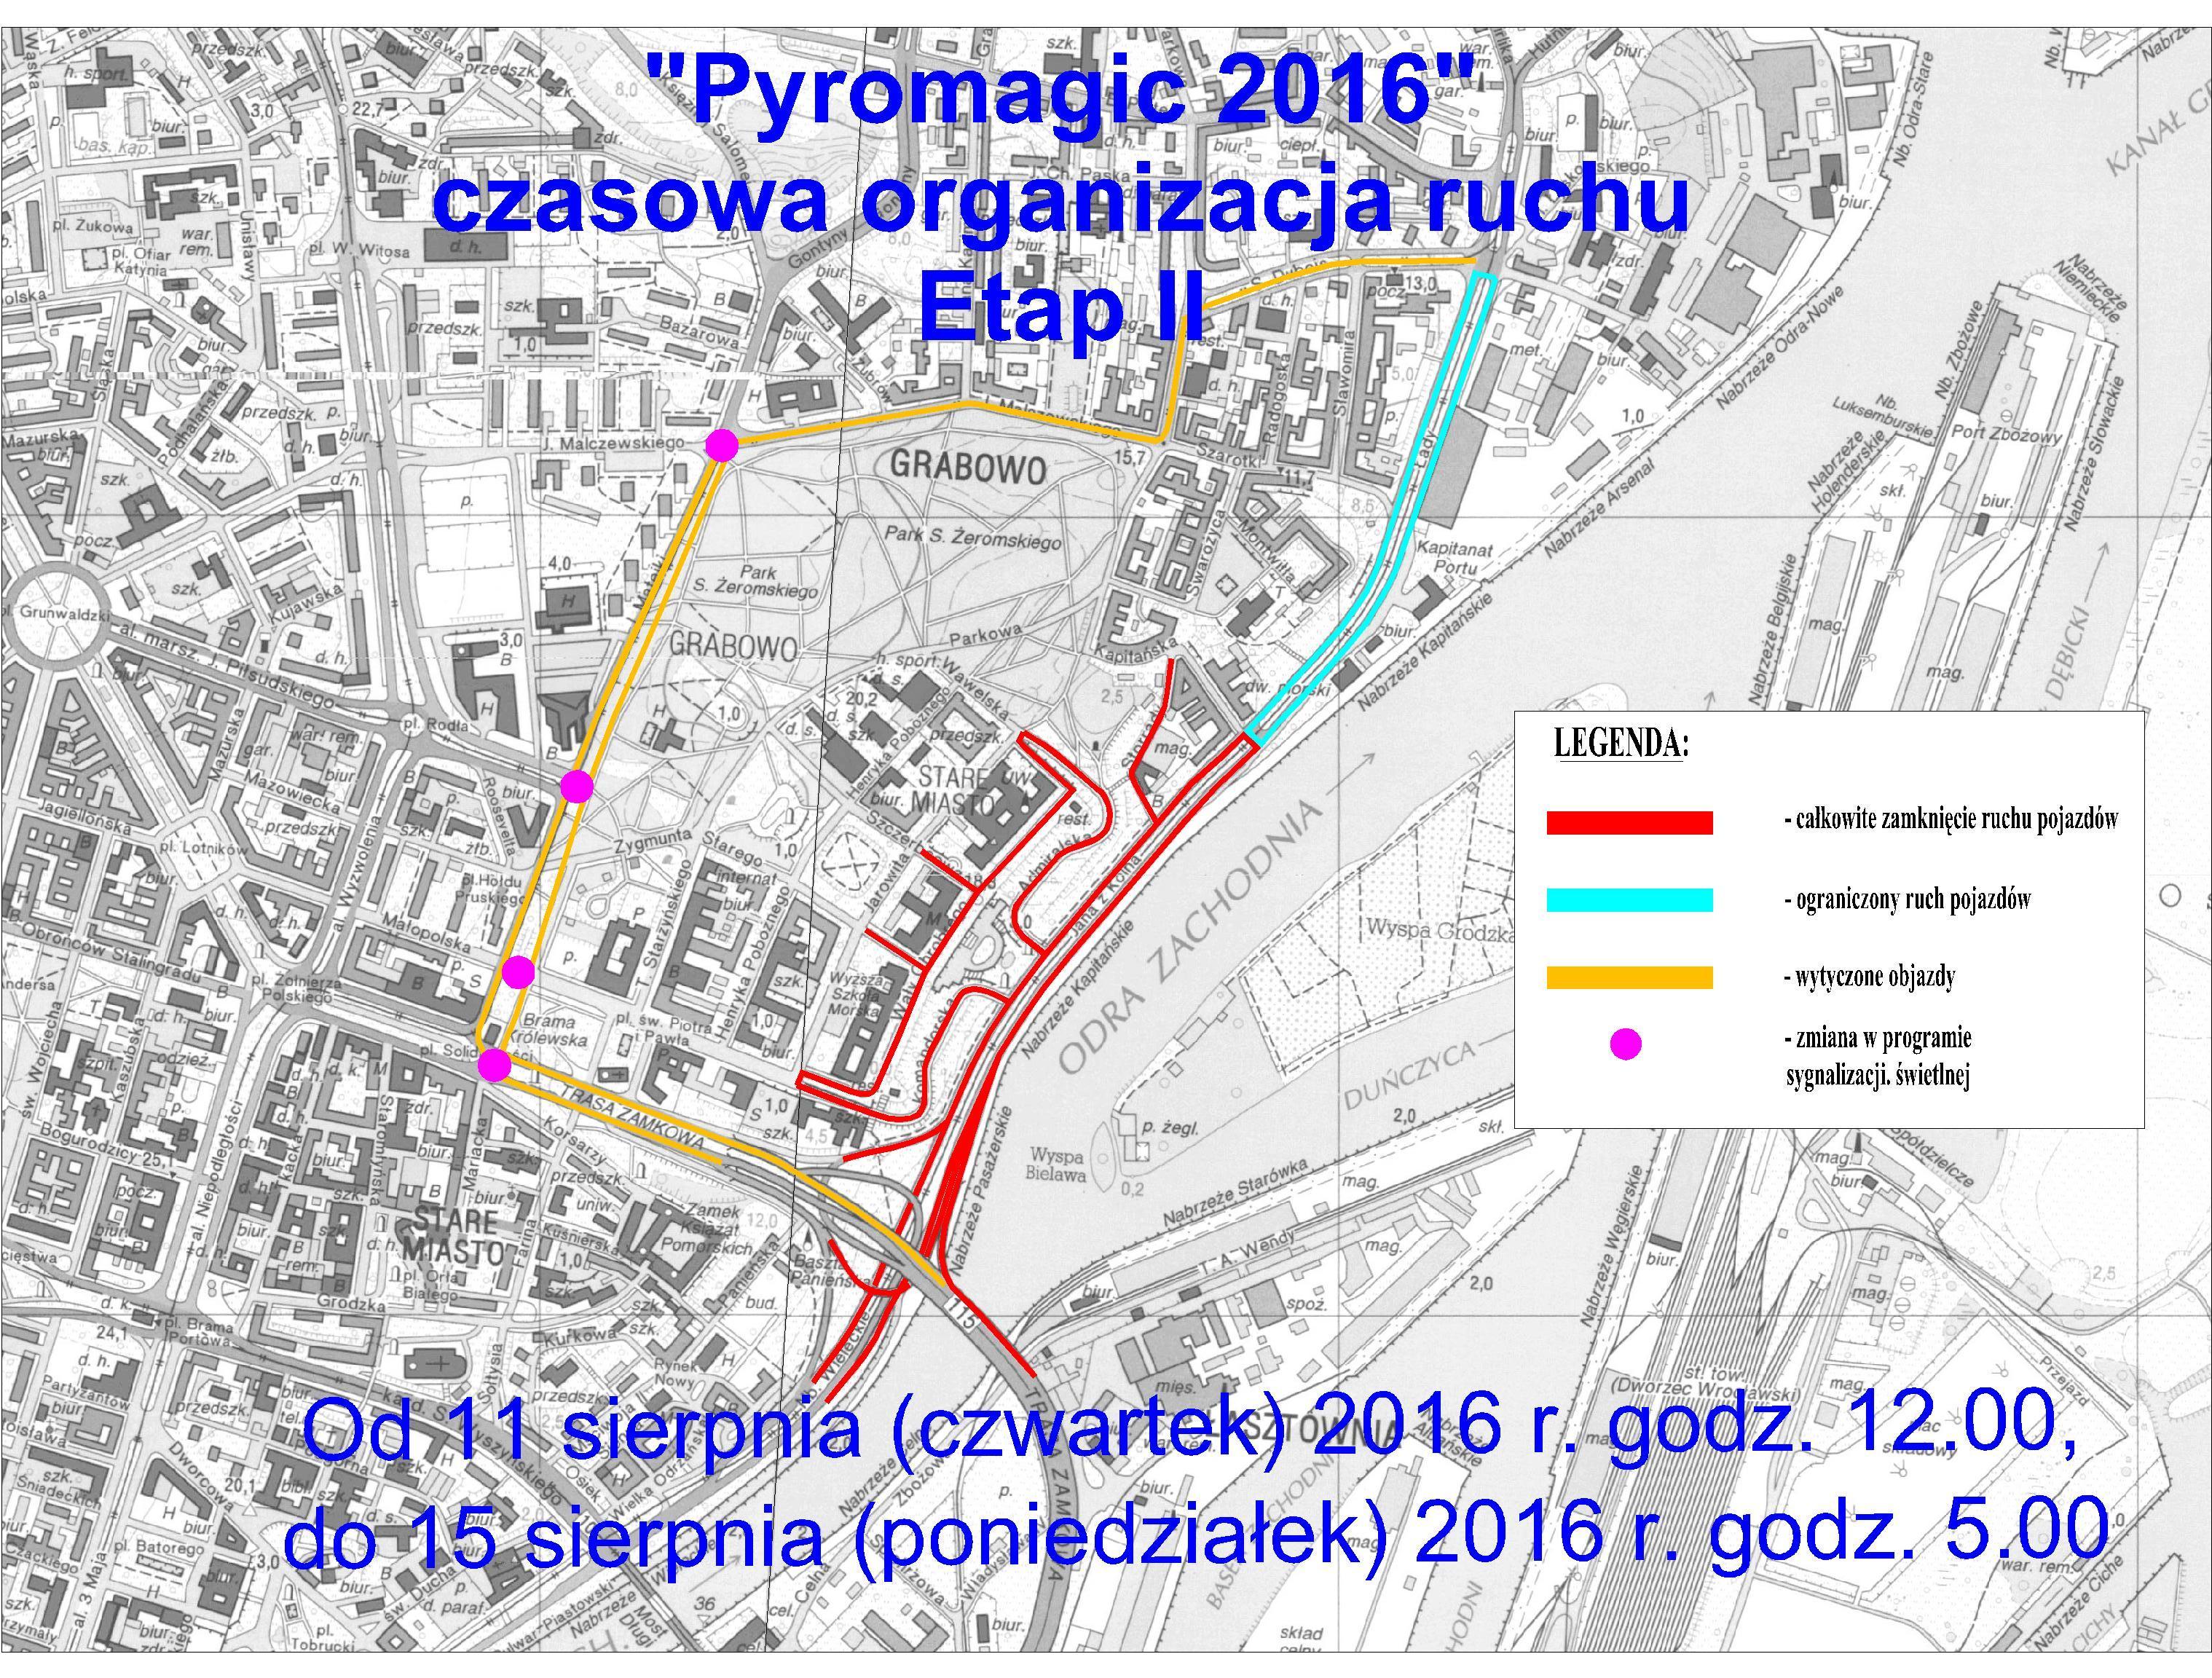 Szykuje Sie Festiwal Drogowcy Zamkna Czesc Ulic Mapy Radio